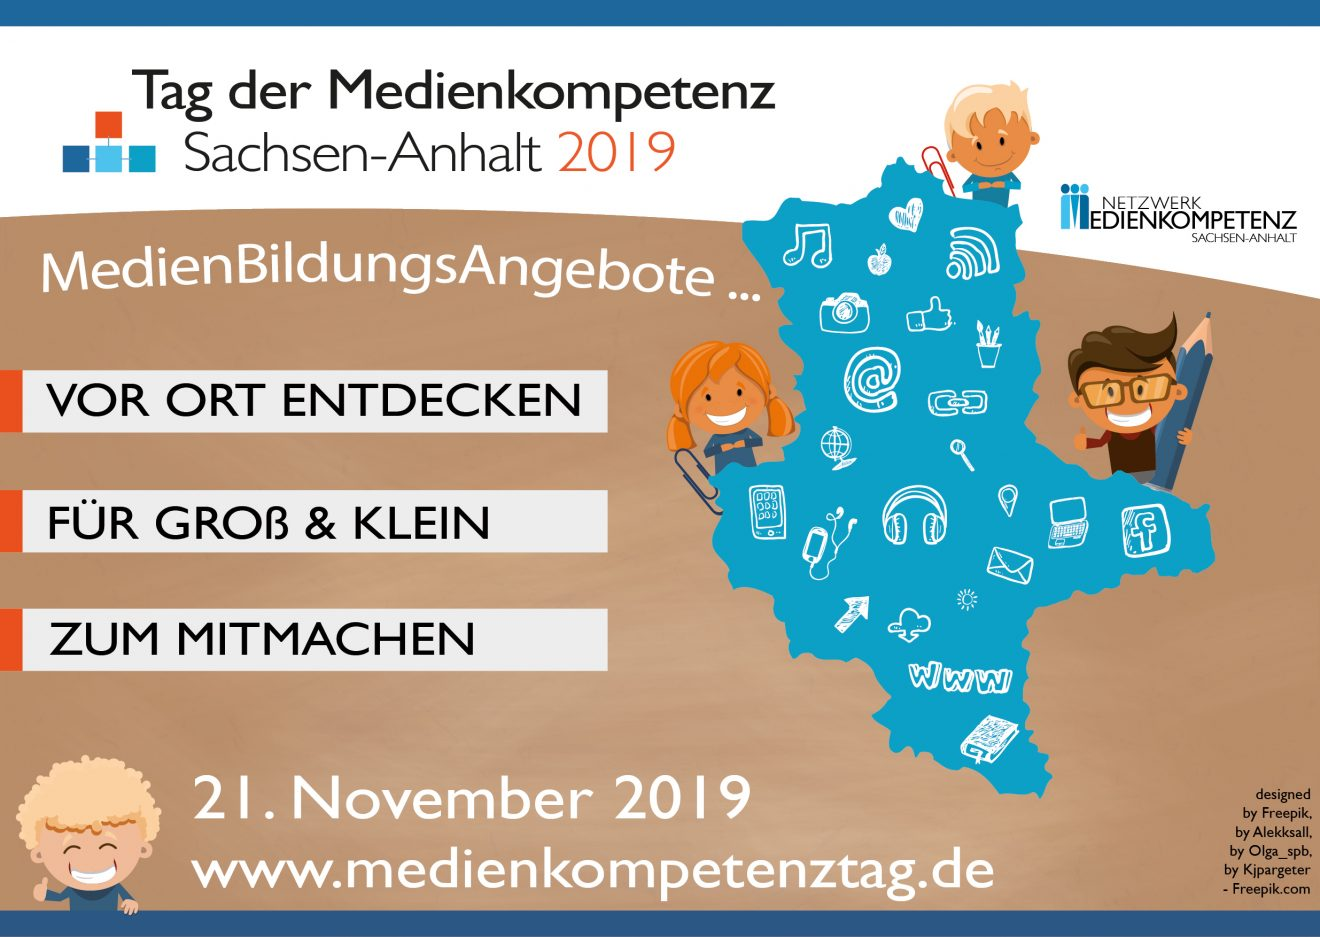 4. TAG DER MEDIENKOMPETENZ SACHSEN-ANHALT // 21. NOVEMBER 2019